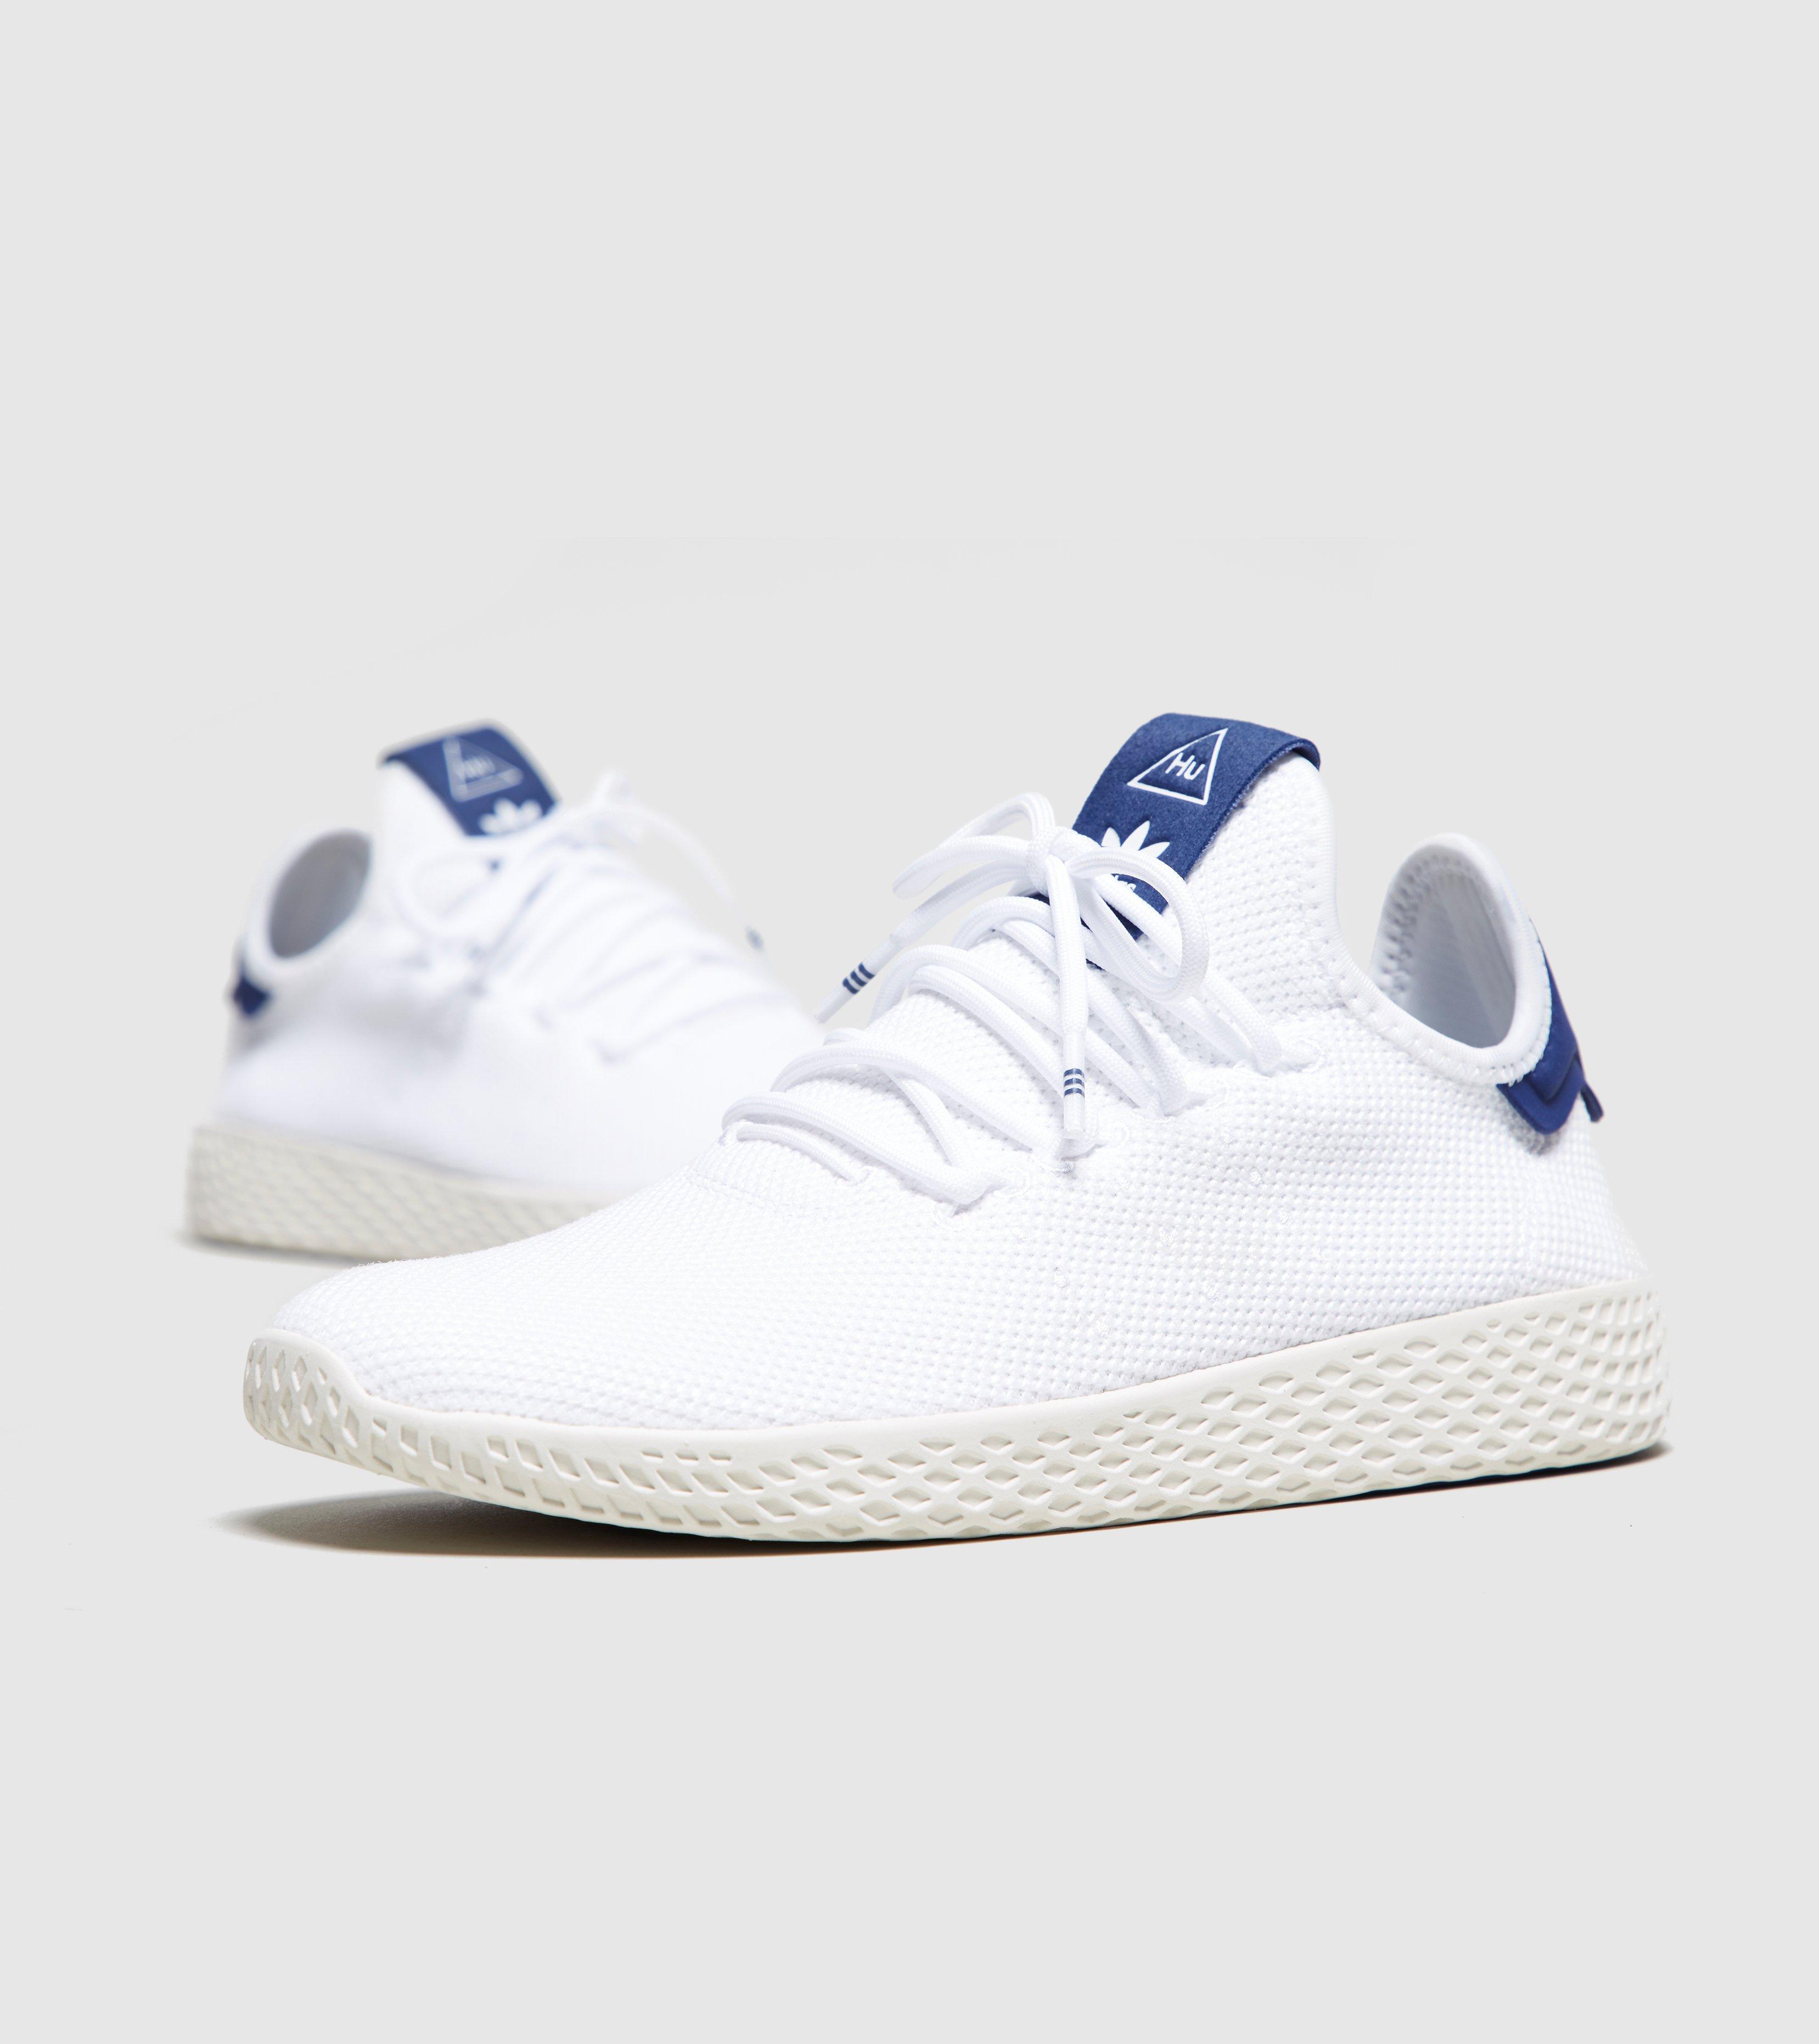 a800f42d26b36 Lyst - adidas Originals X Pharrell Williams Tennis Hu Women s